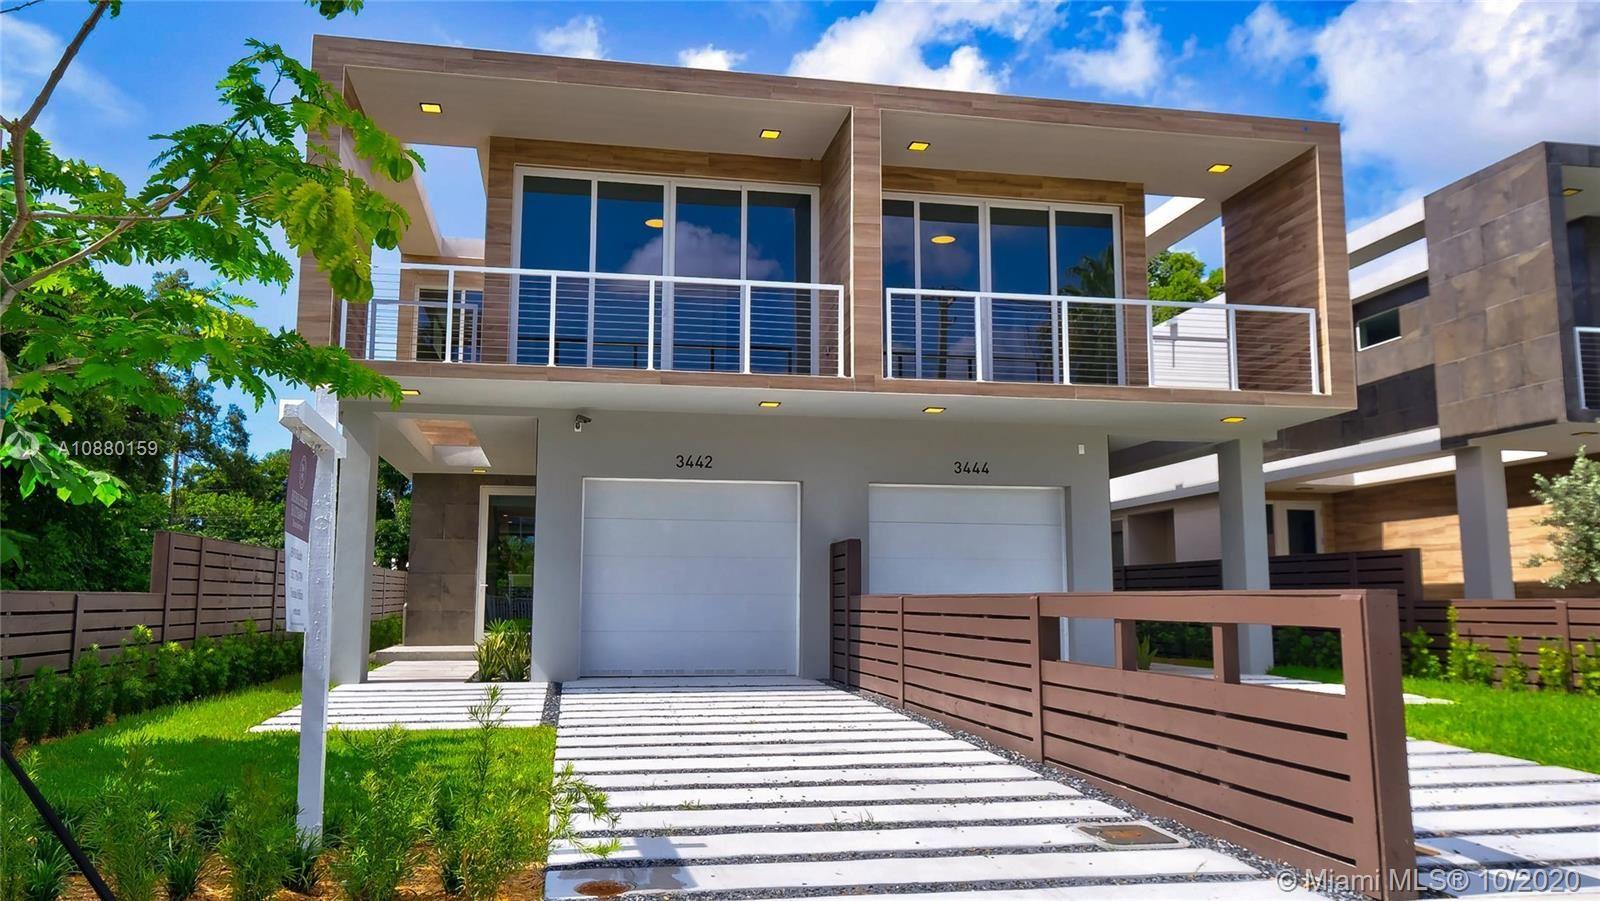 3442 Day Avenue, Miami, FL 33133 - #: A10880159